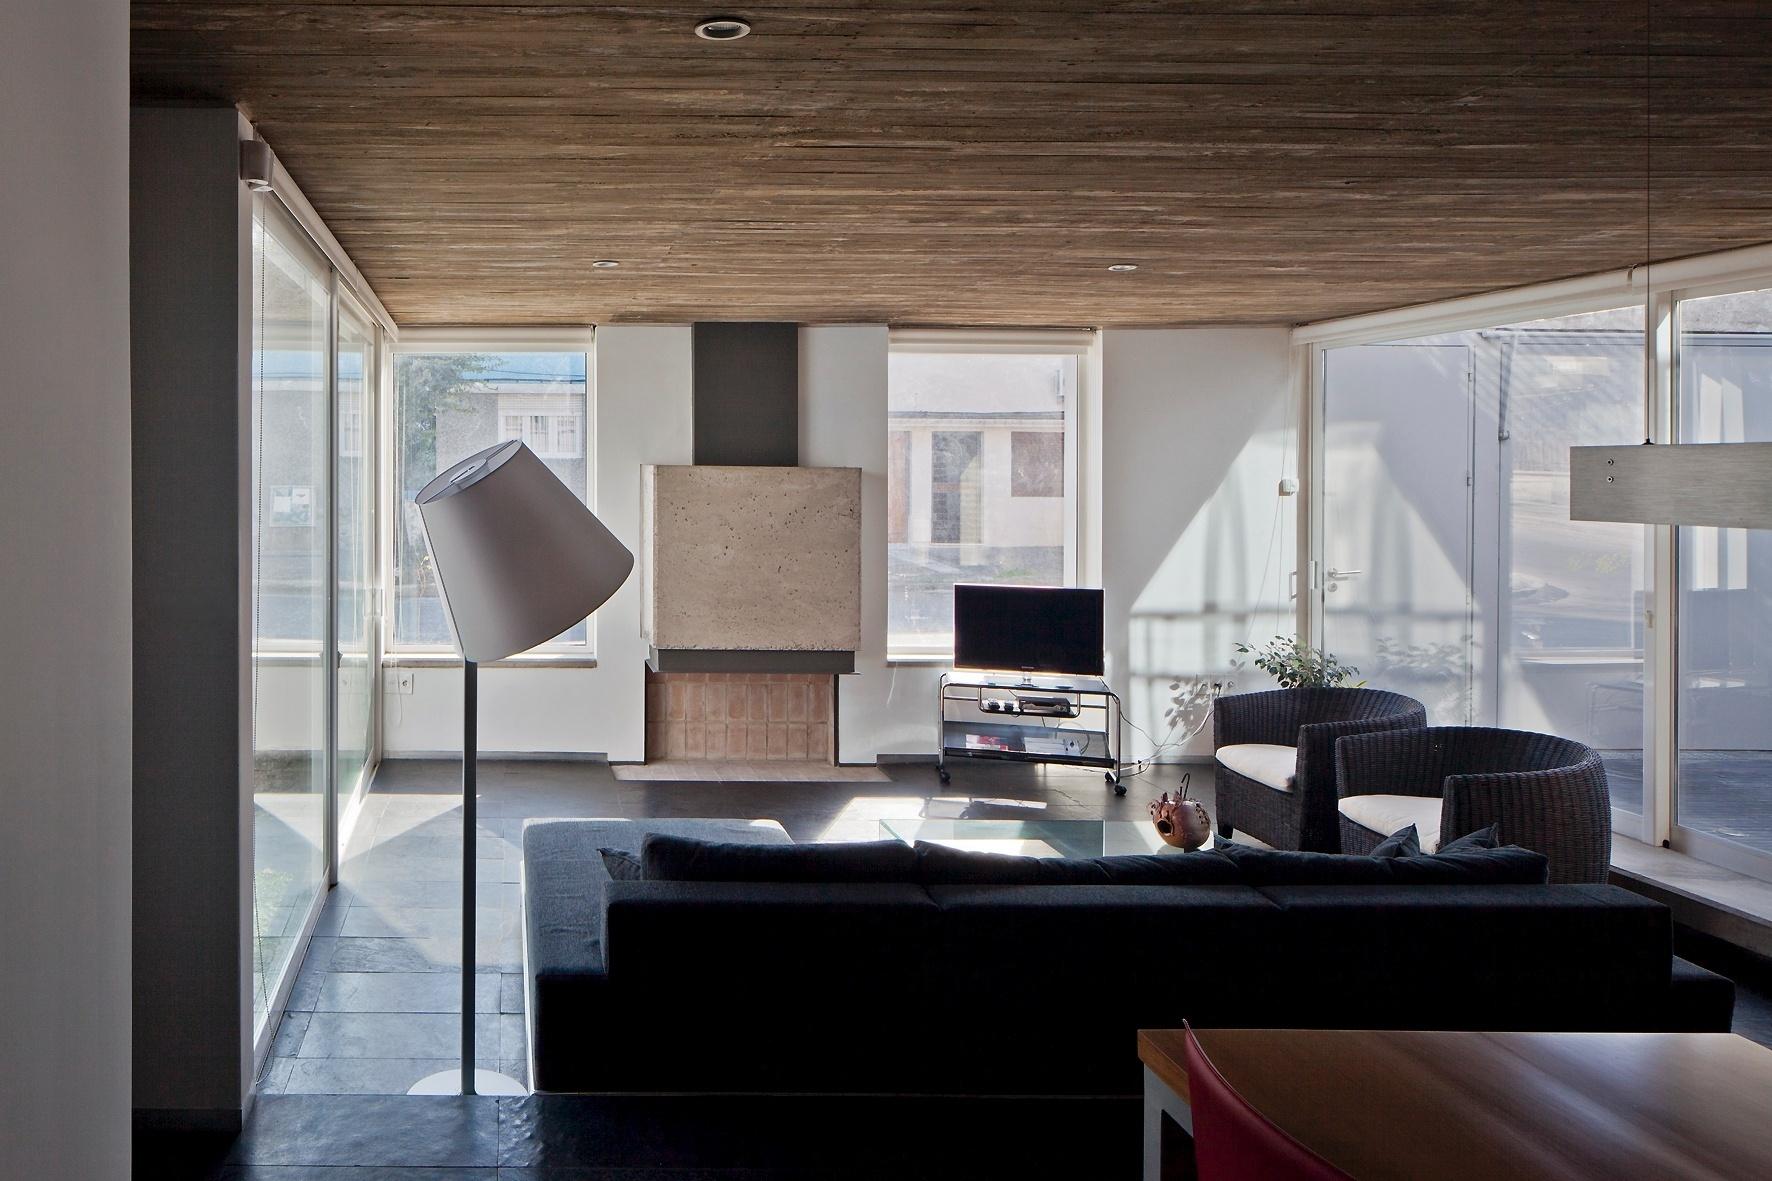 Com lareira e TV, o estar é superiluminado pelas generosas janelas e pelas portas de correr laterais, que dão acesso a um pátio e à garagem. A casa Ibiray é um projeto dos arquitetos uruguaios Lucho Oreggioni e Sonia Prieto